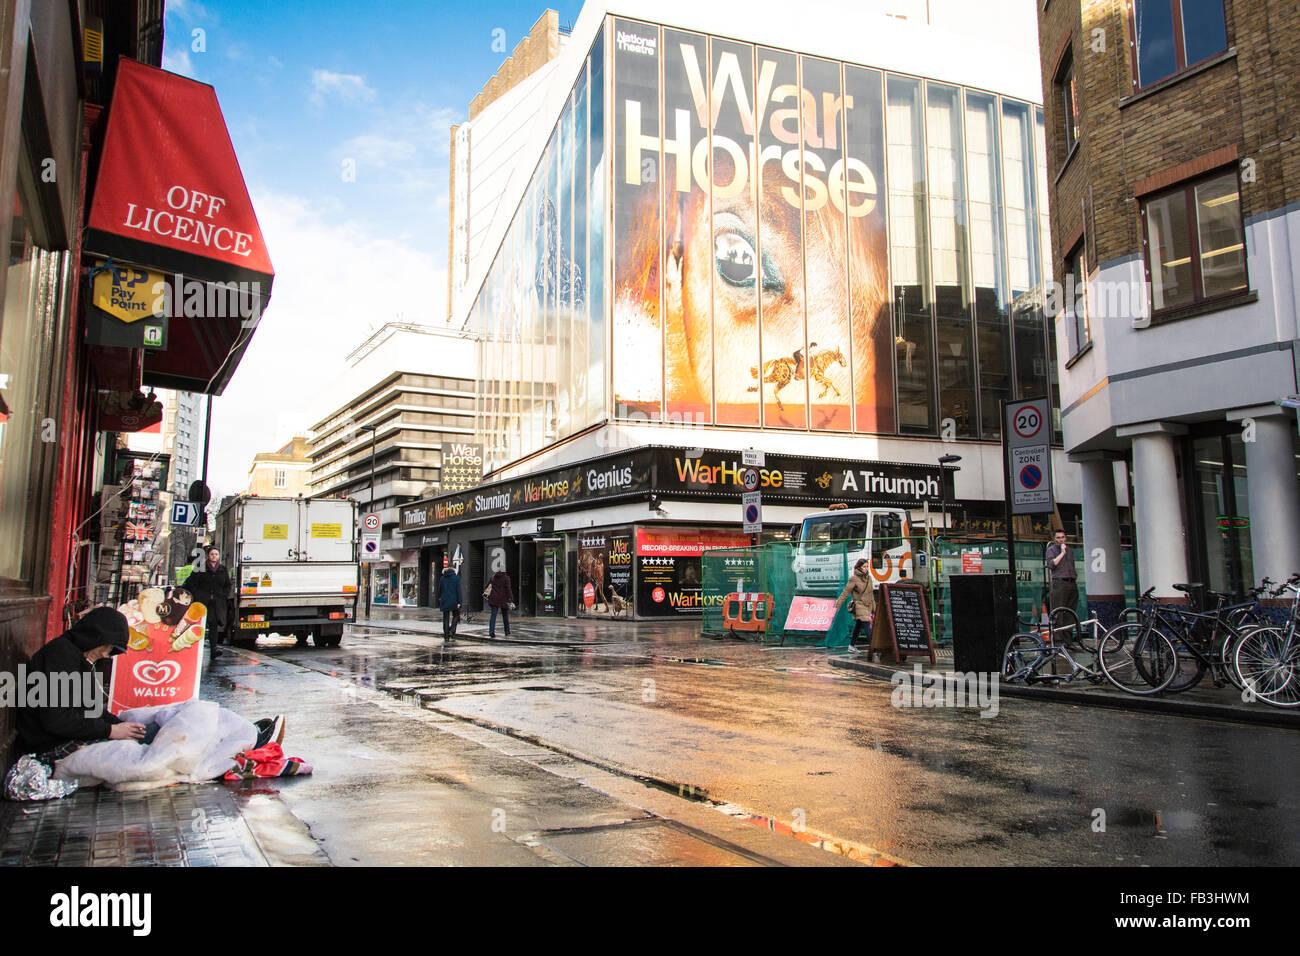 Obdachloser zusammengekauert unter Markise in nassen London Straße außerhalb der New London Theatre am Stockbild